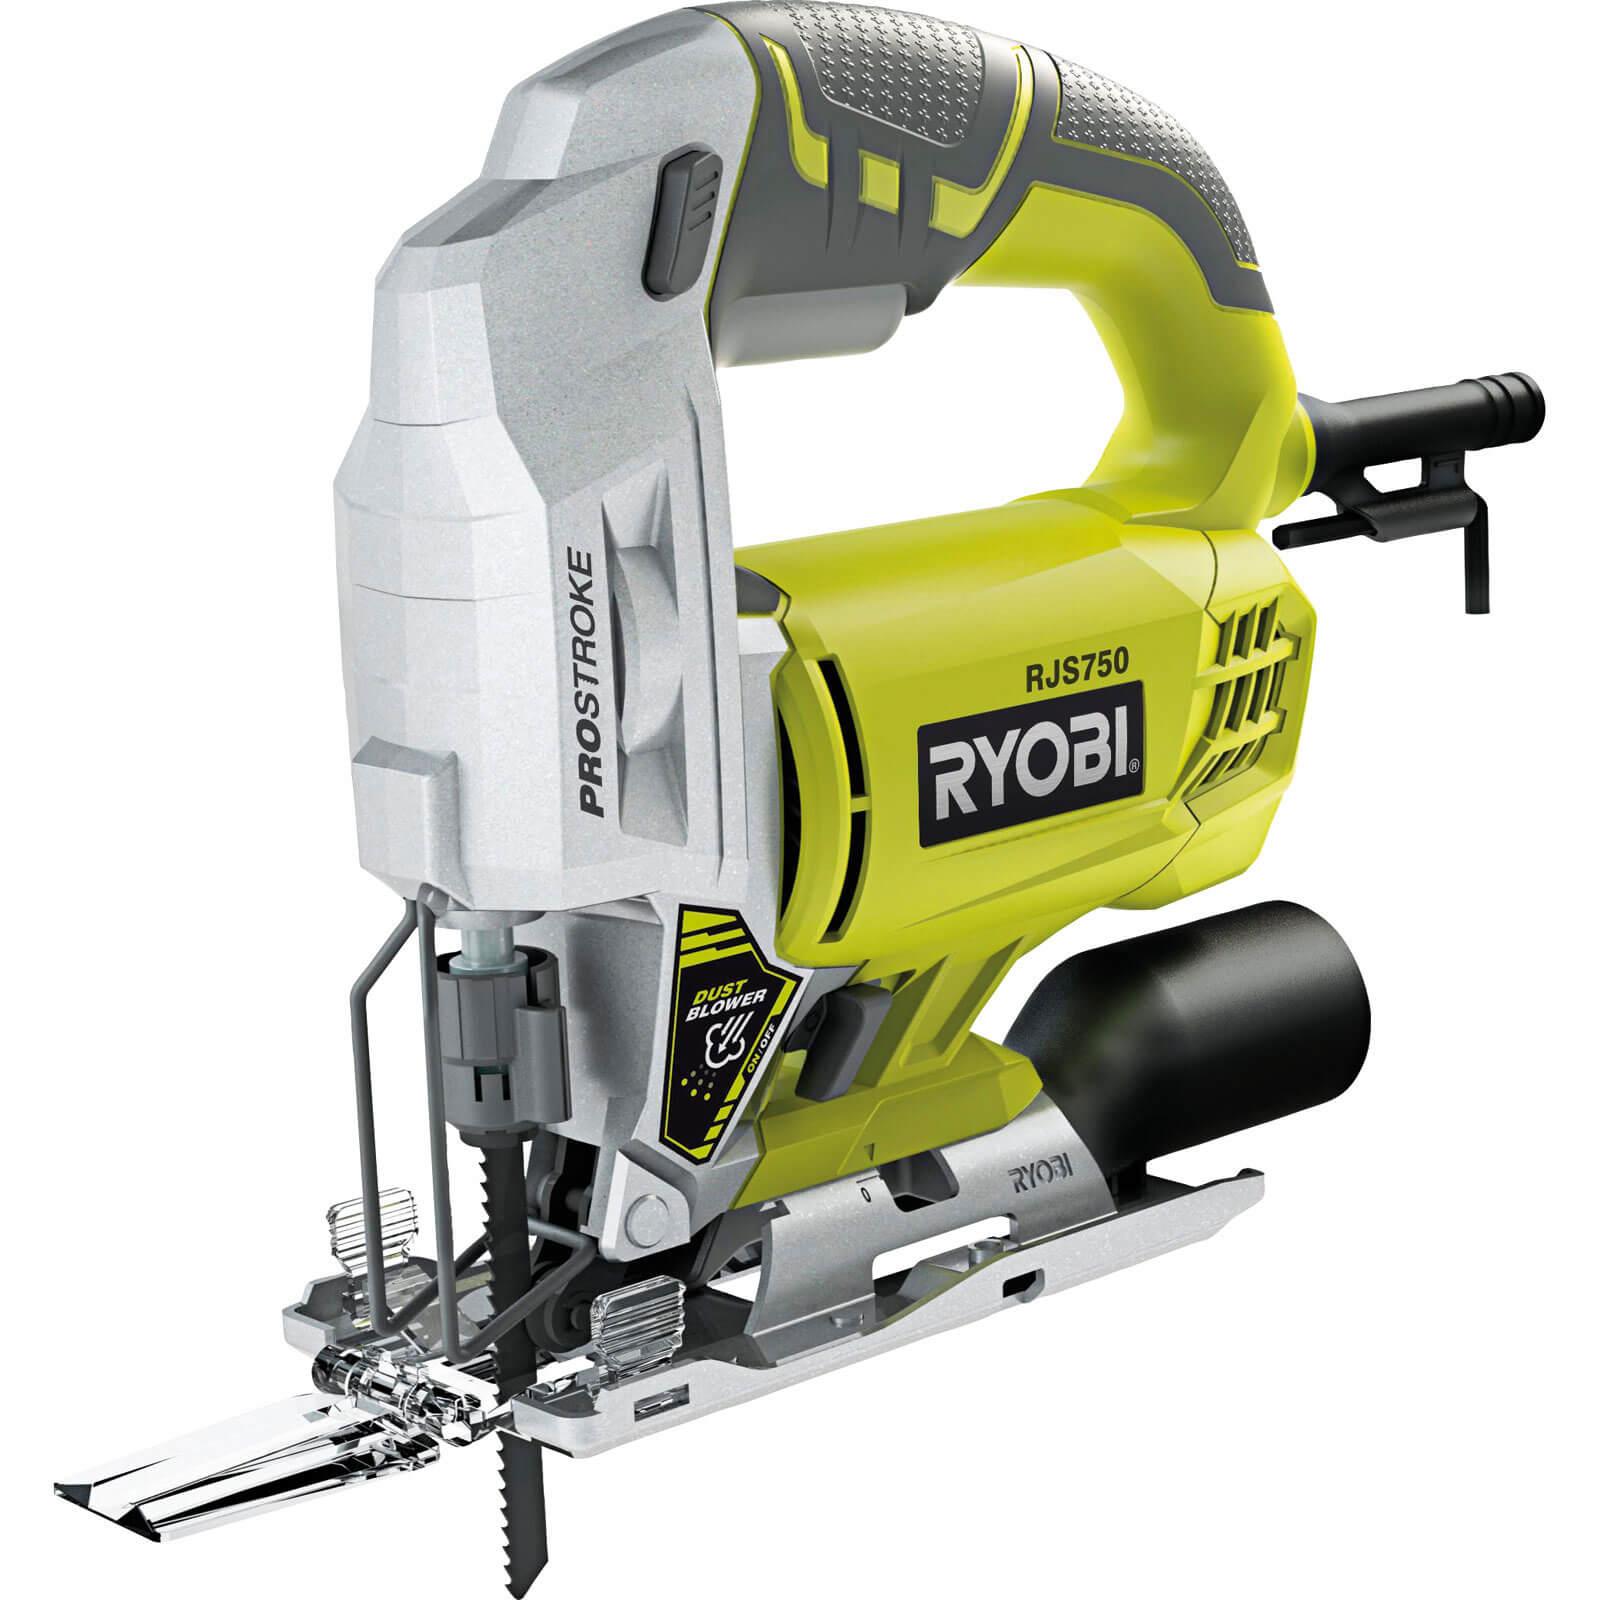 Ryobi RJS750G Jigsaw 240v